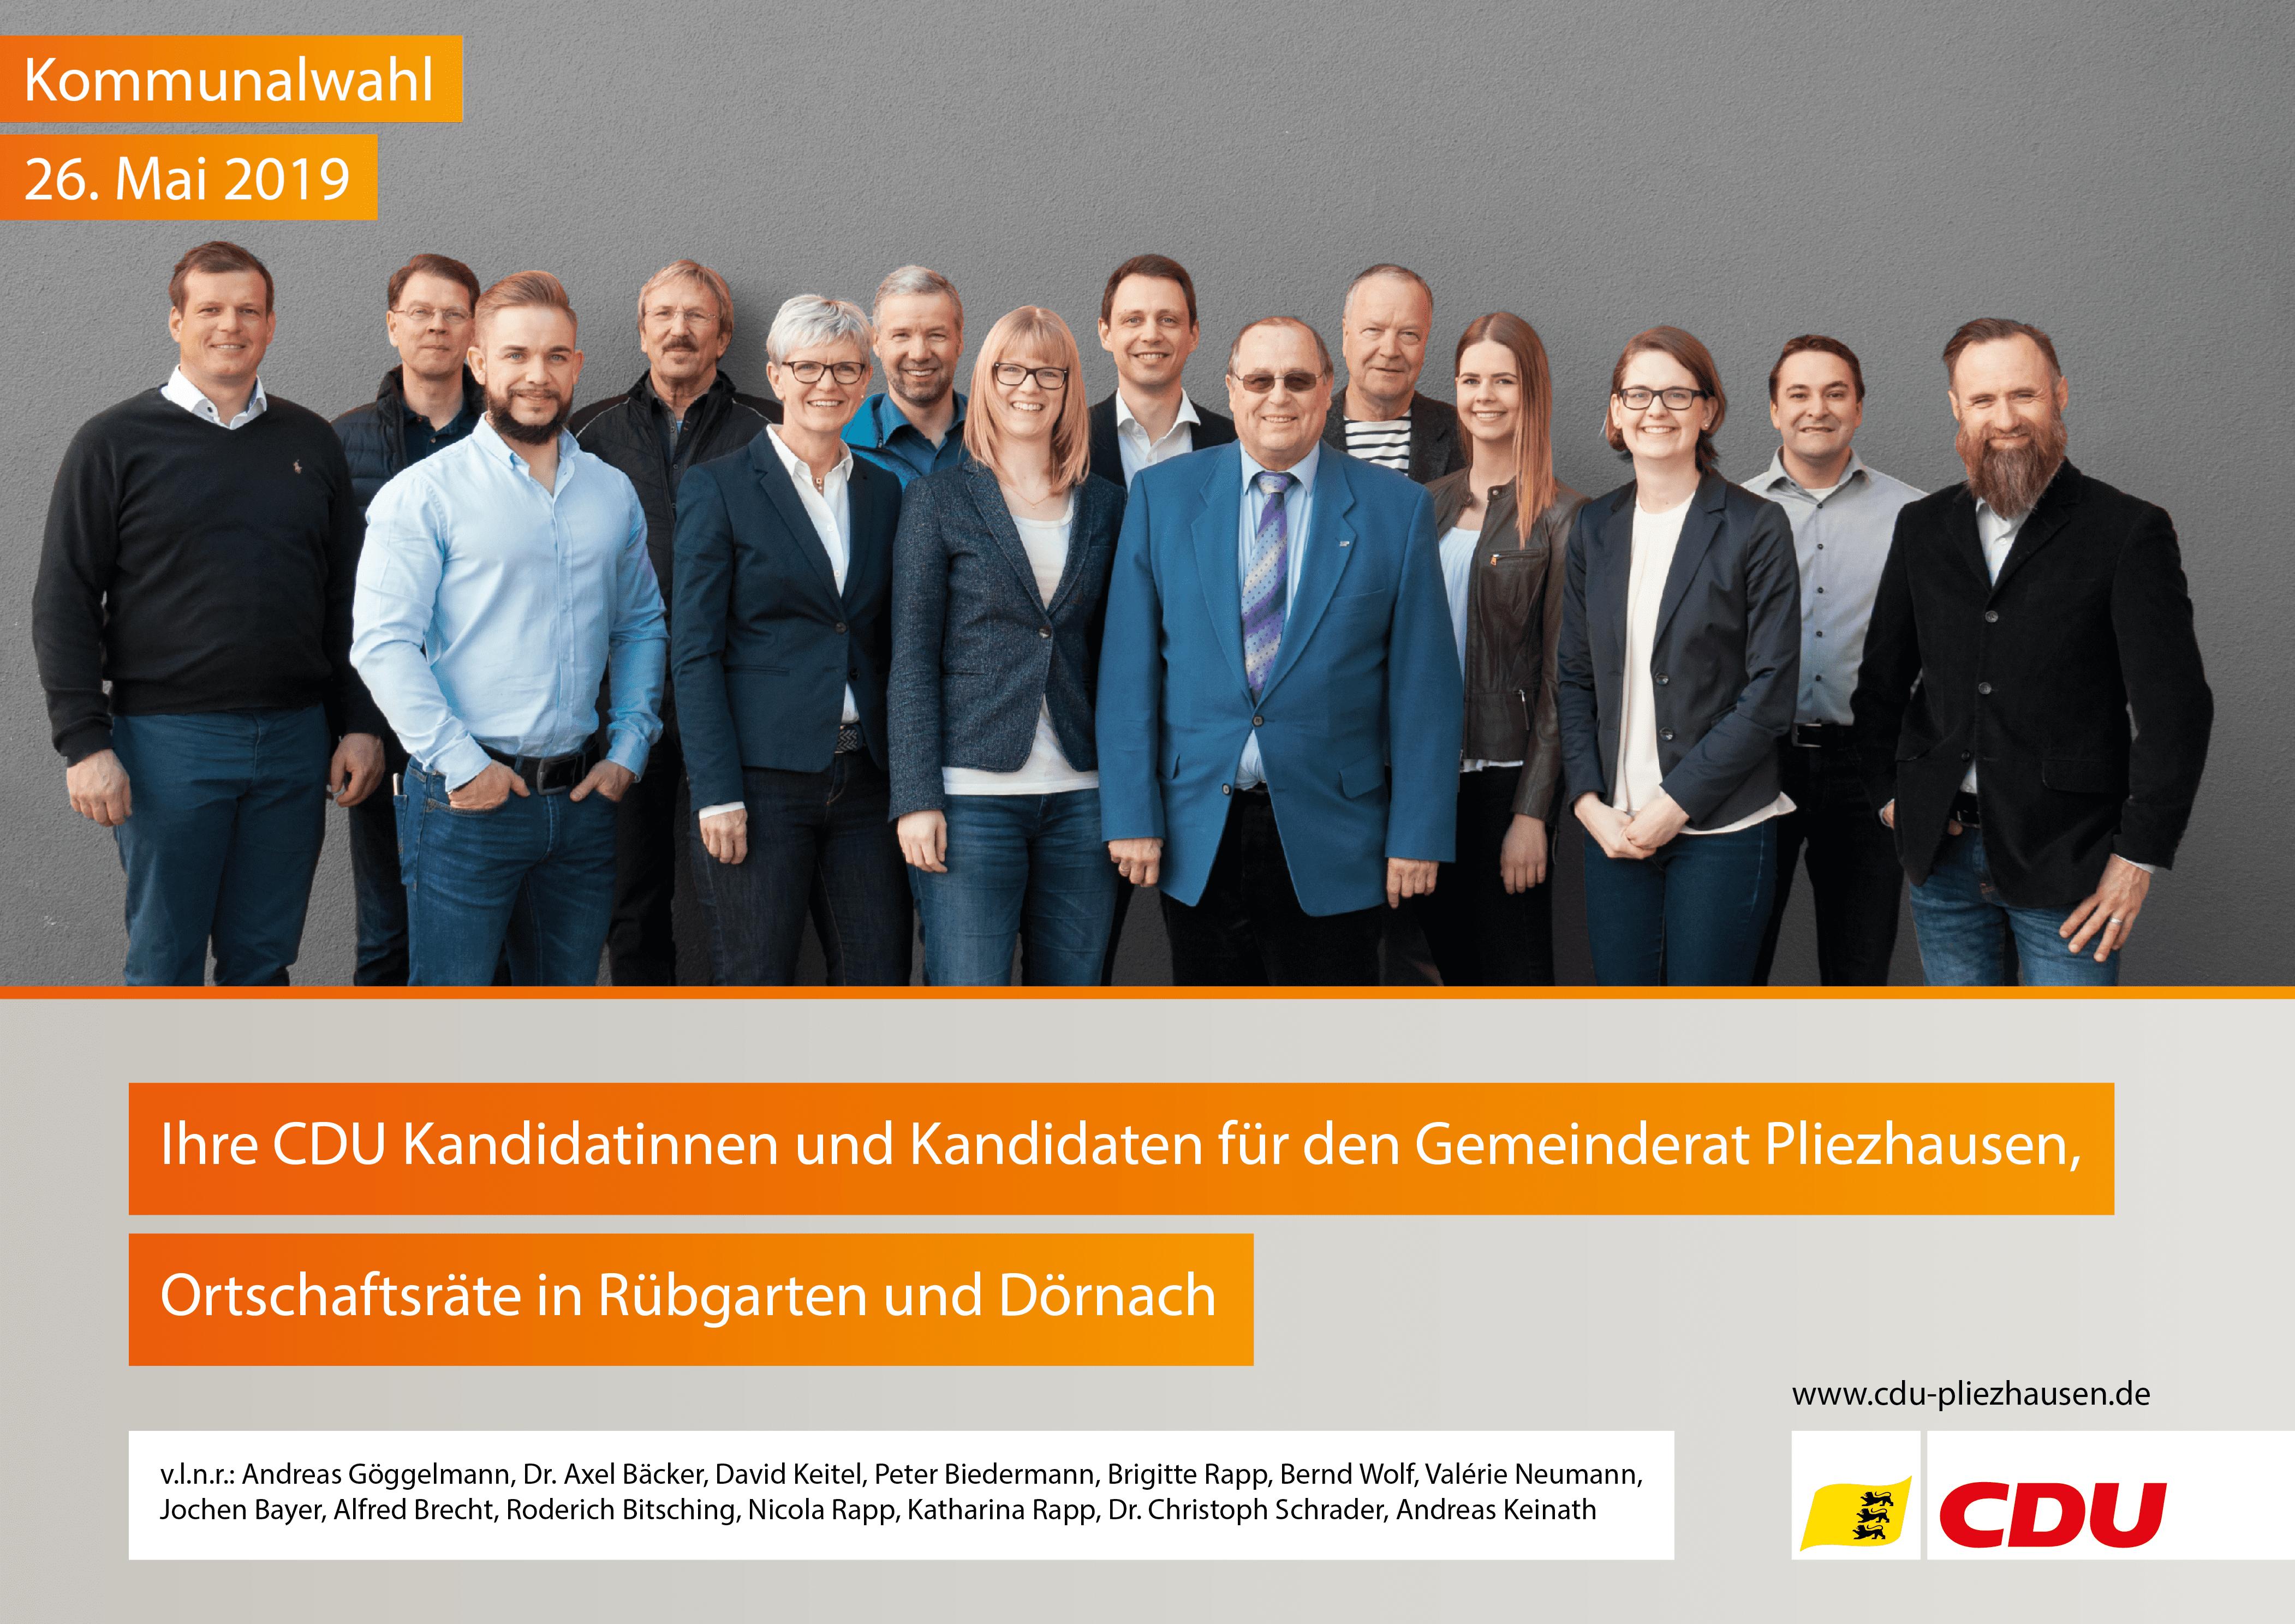 Gruppenbild CDU Kandidaten und Kandidatinnen zur Kommunalwahl